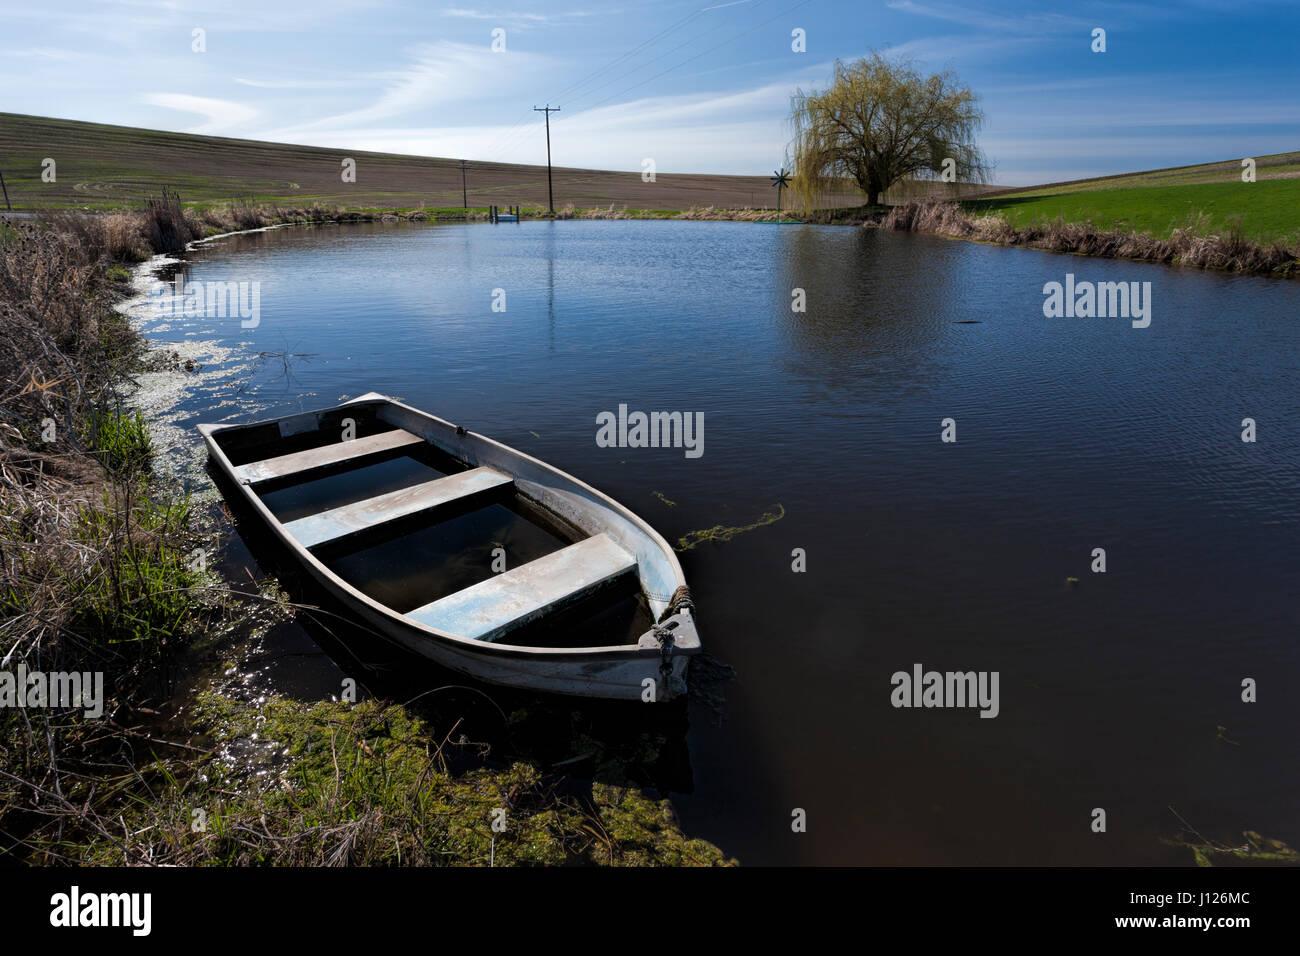 Une vieille barque en partie remplie d'eau dans un étang à l'Est de Washington. Banque D'Images